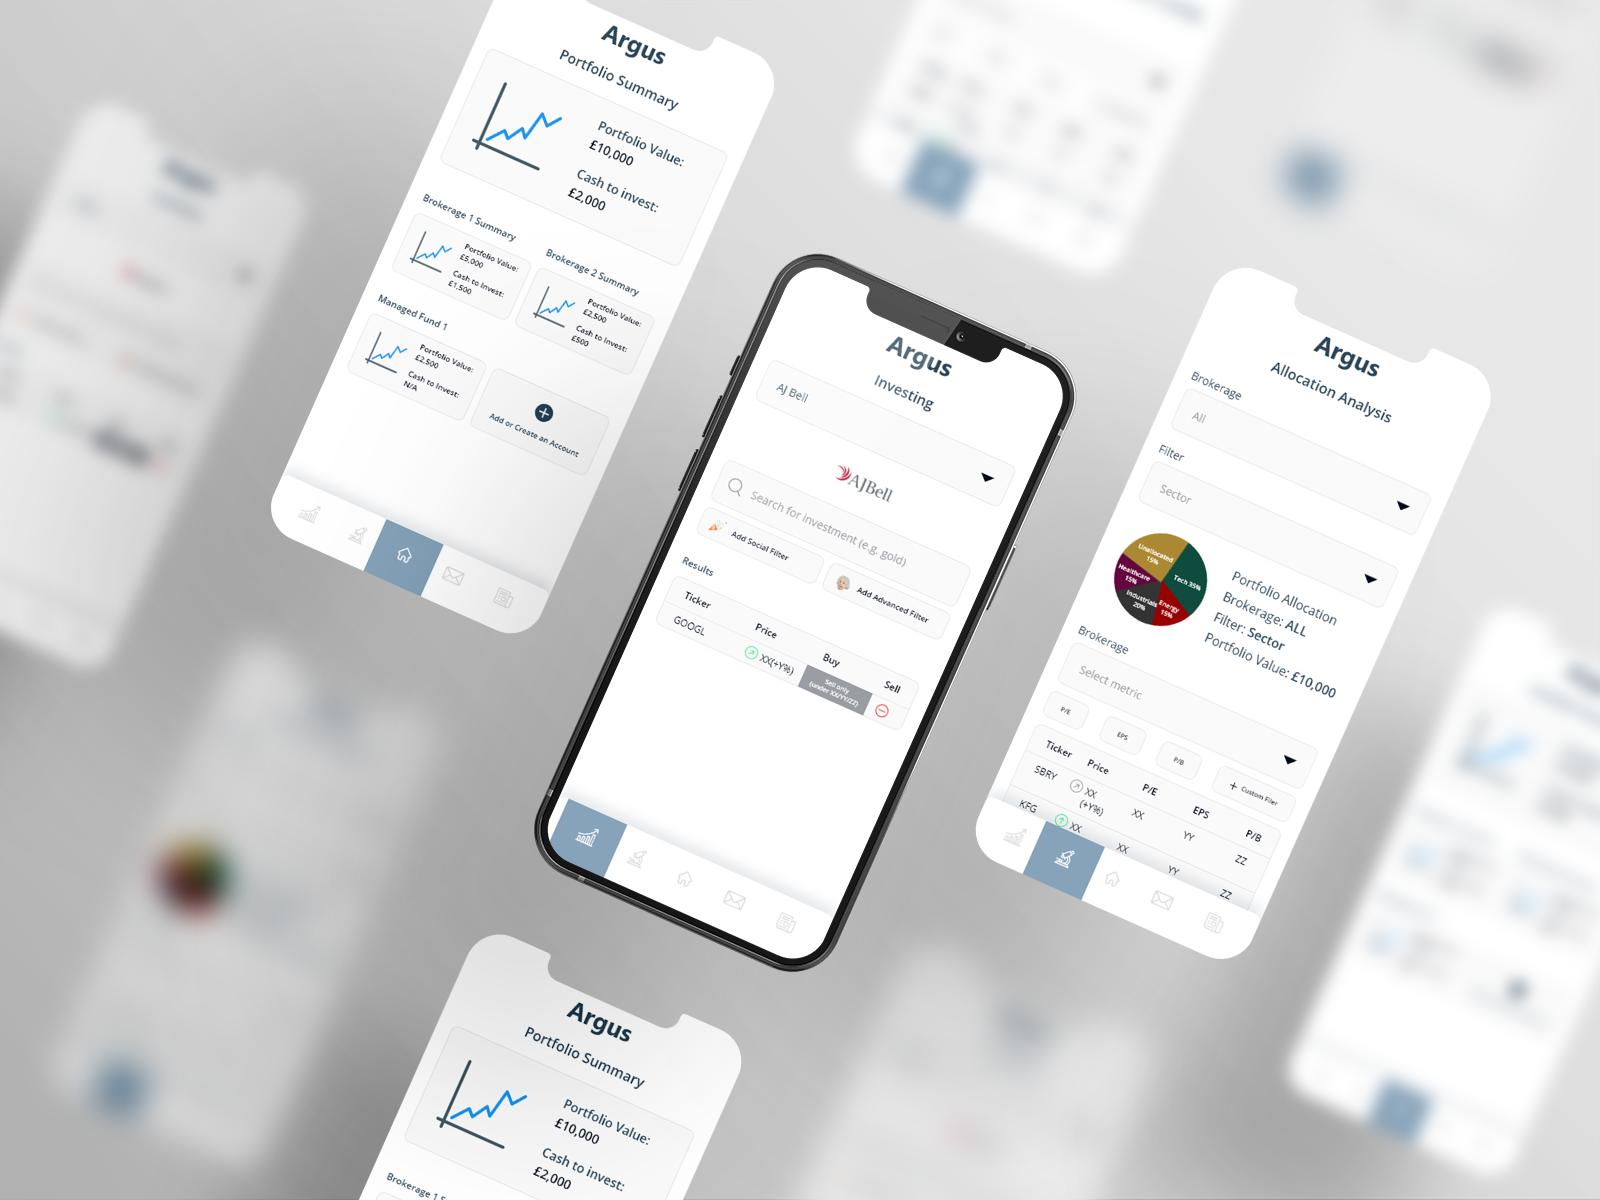 Argus financial app